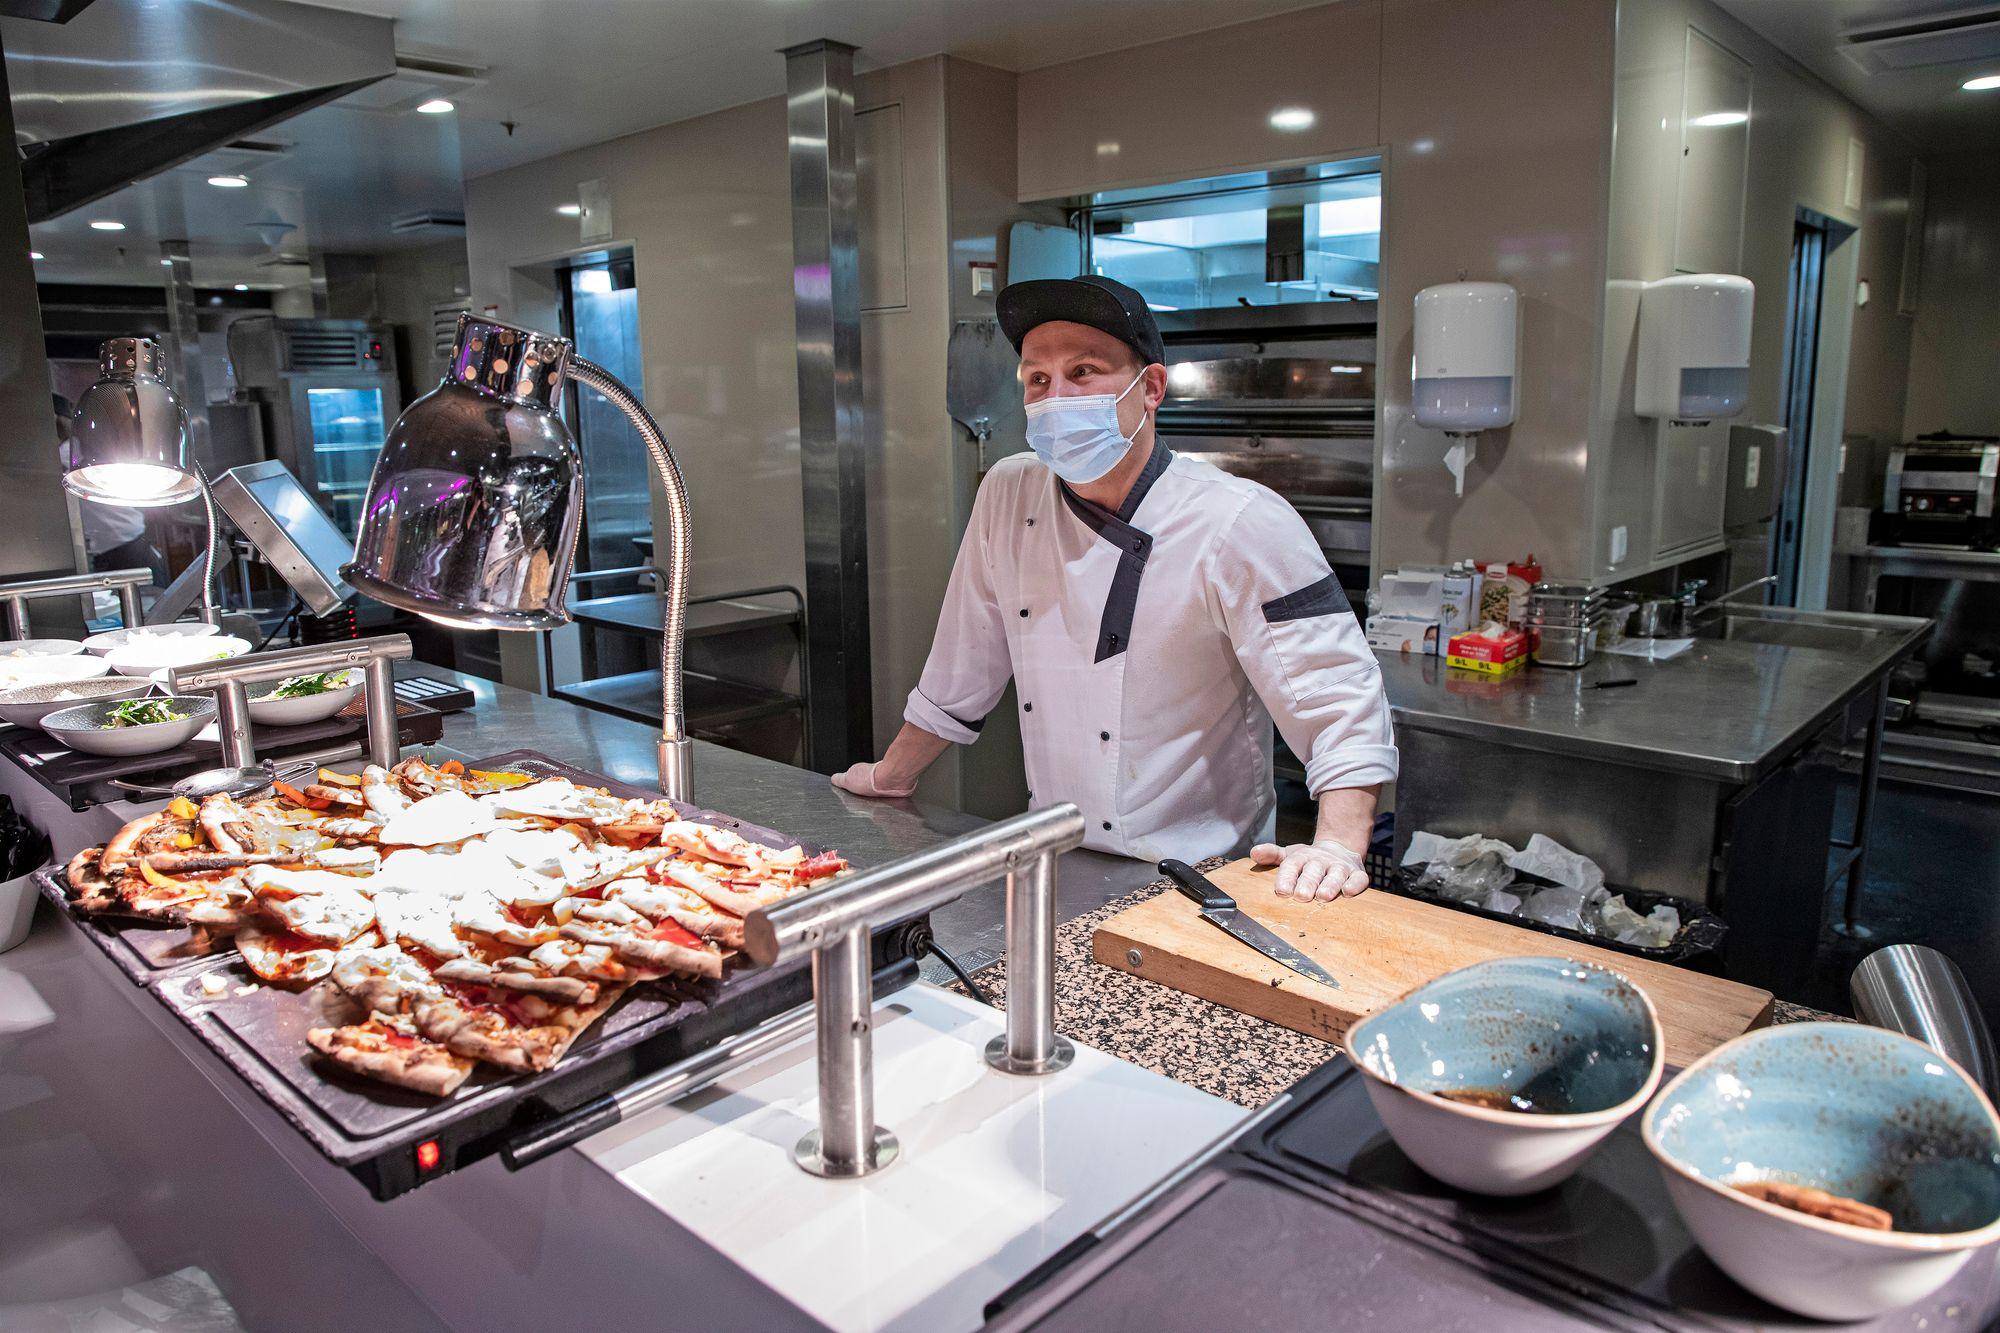 Raumalainen kokki Joni Varjonen on työskennellyt laivaravintoloissa vuodesta 2003. © Petri Mulari